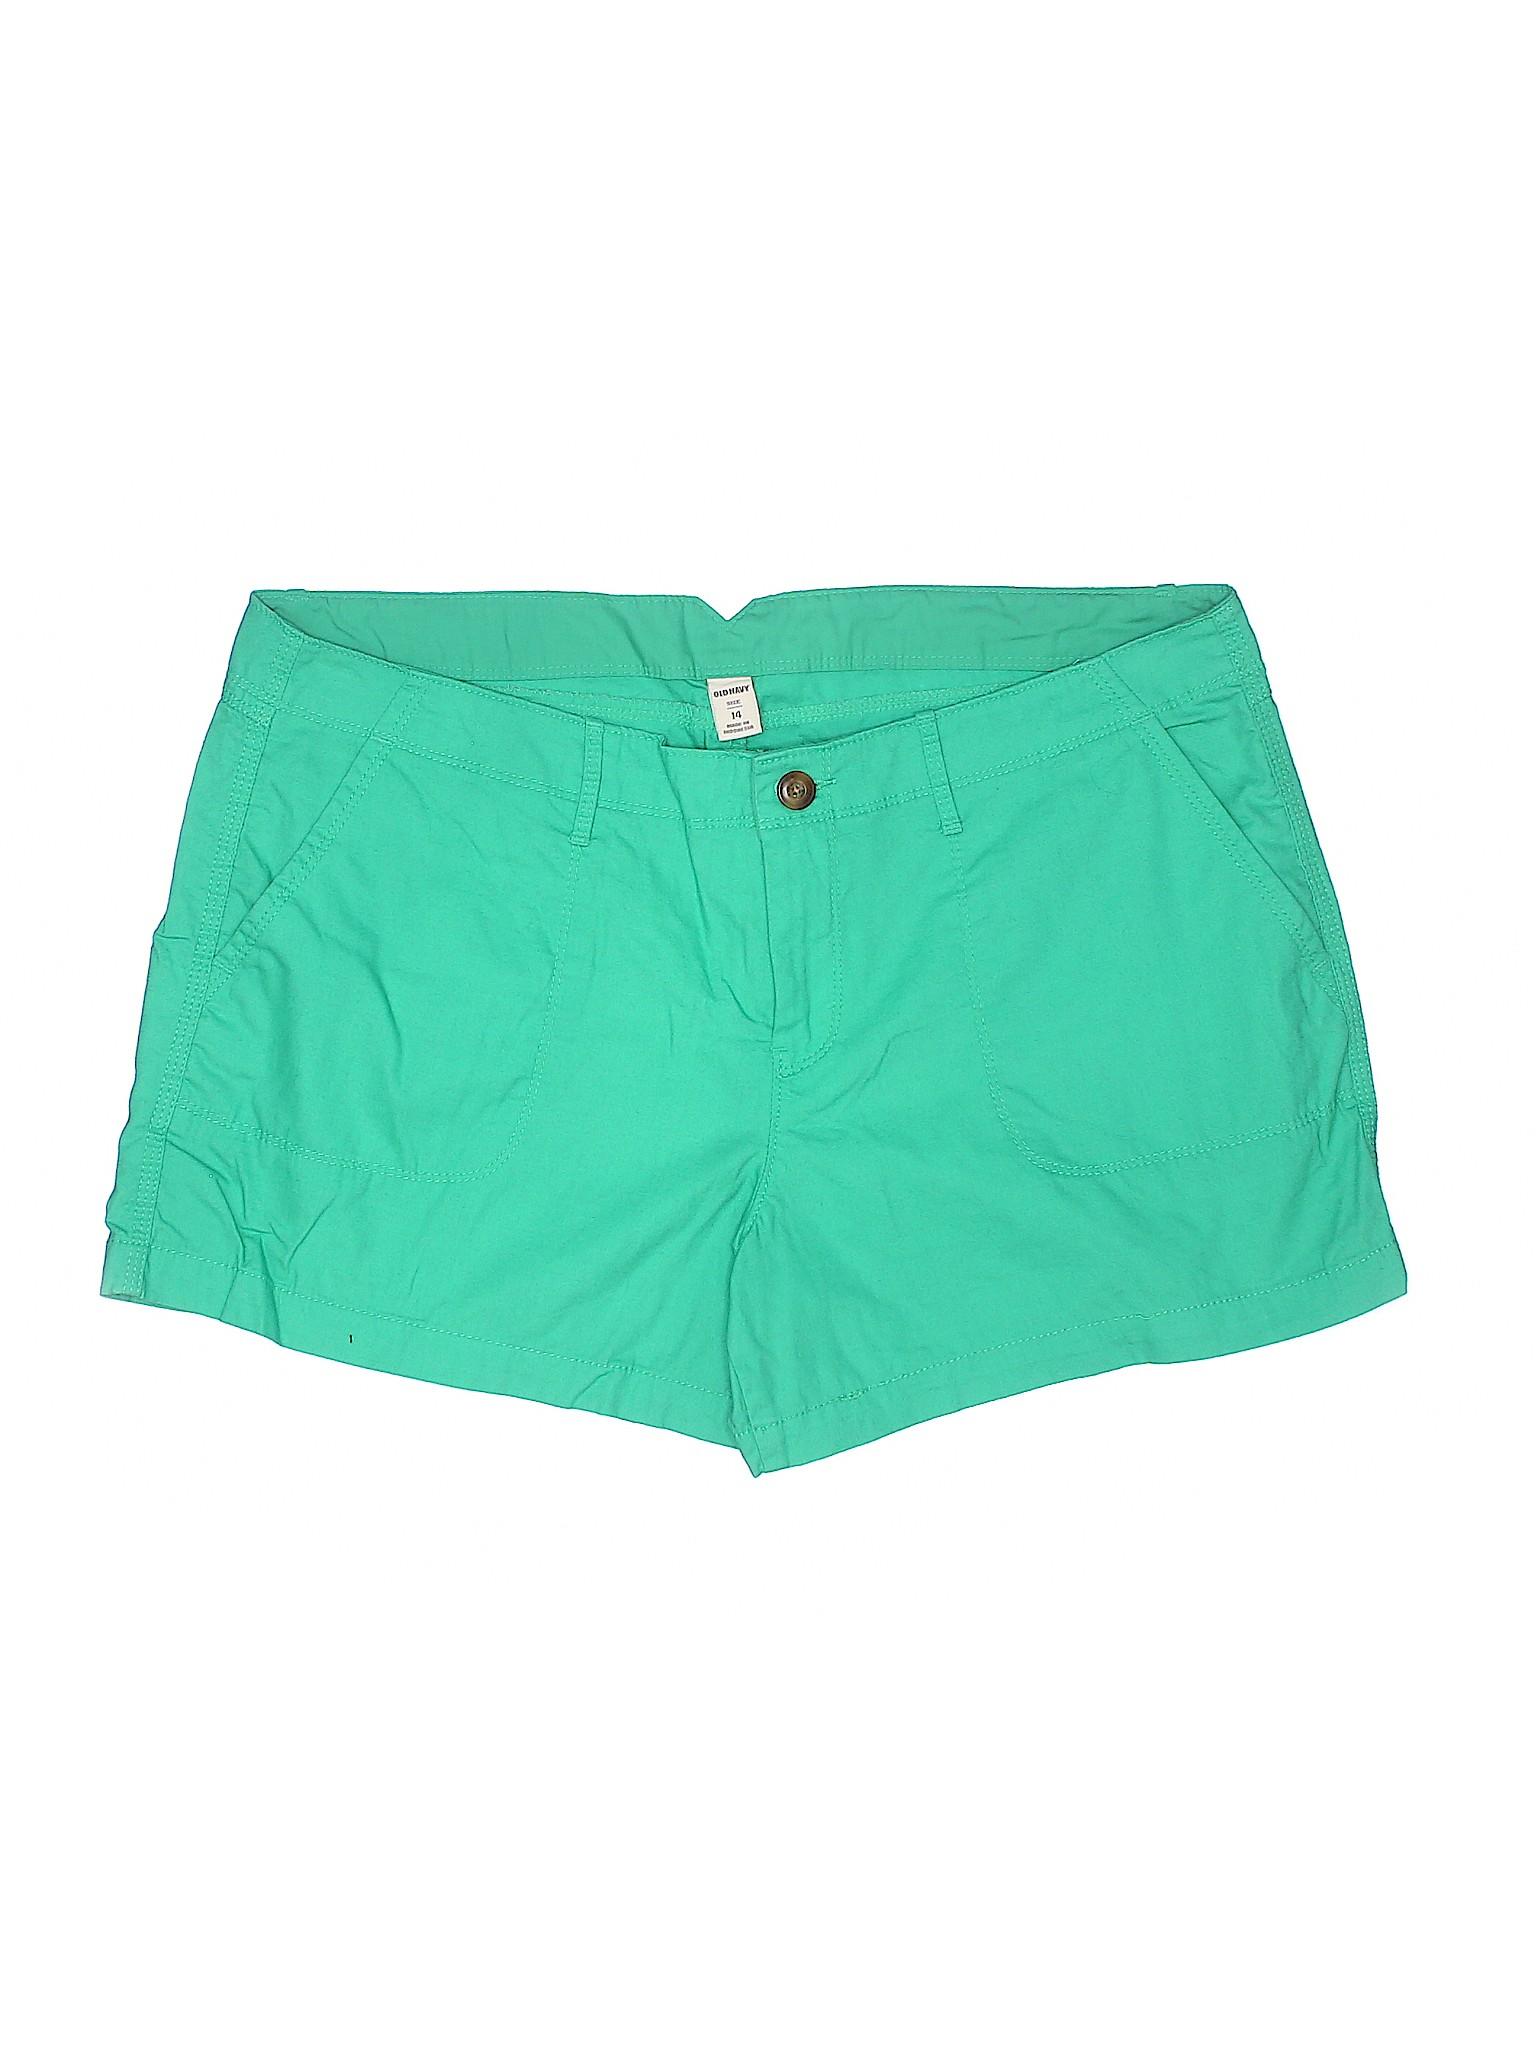 leisure Old Boutique Boutique Shorts leisure Navy Sq1vwx